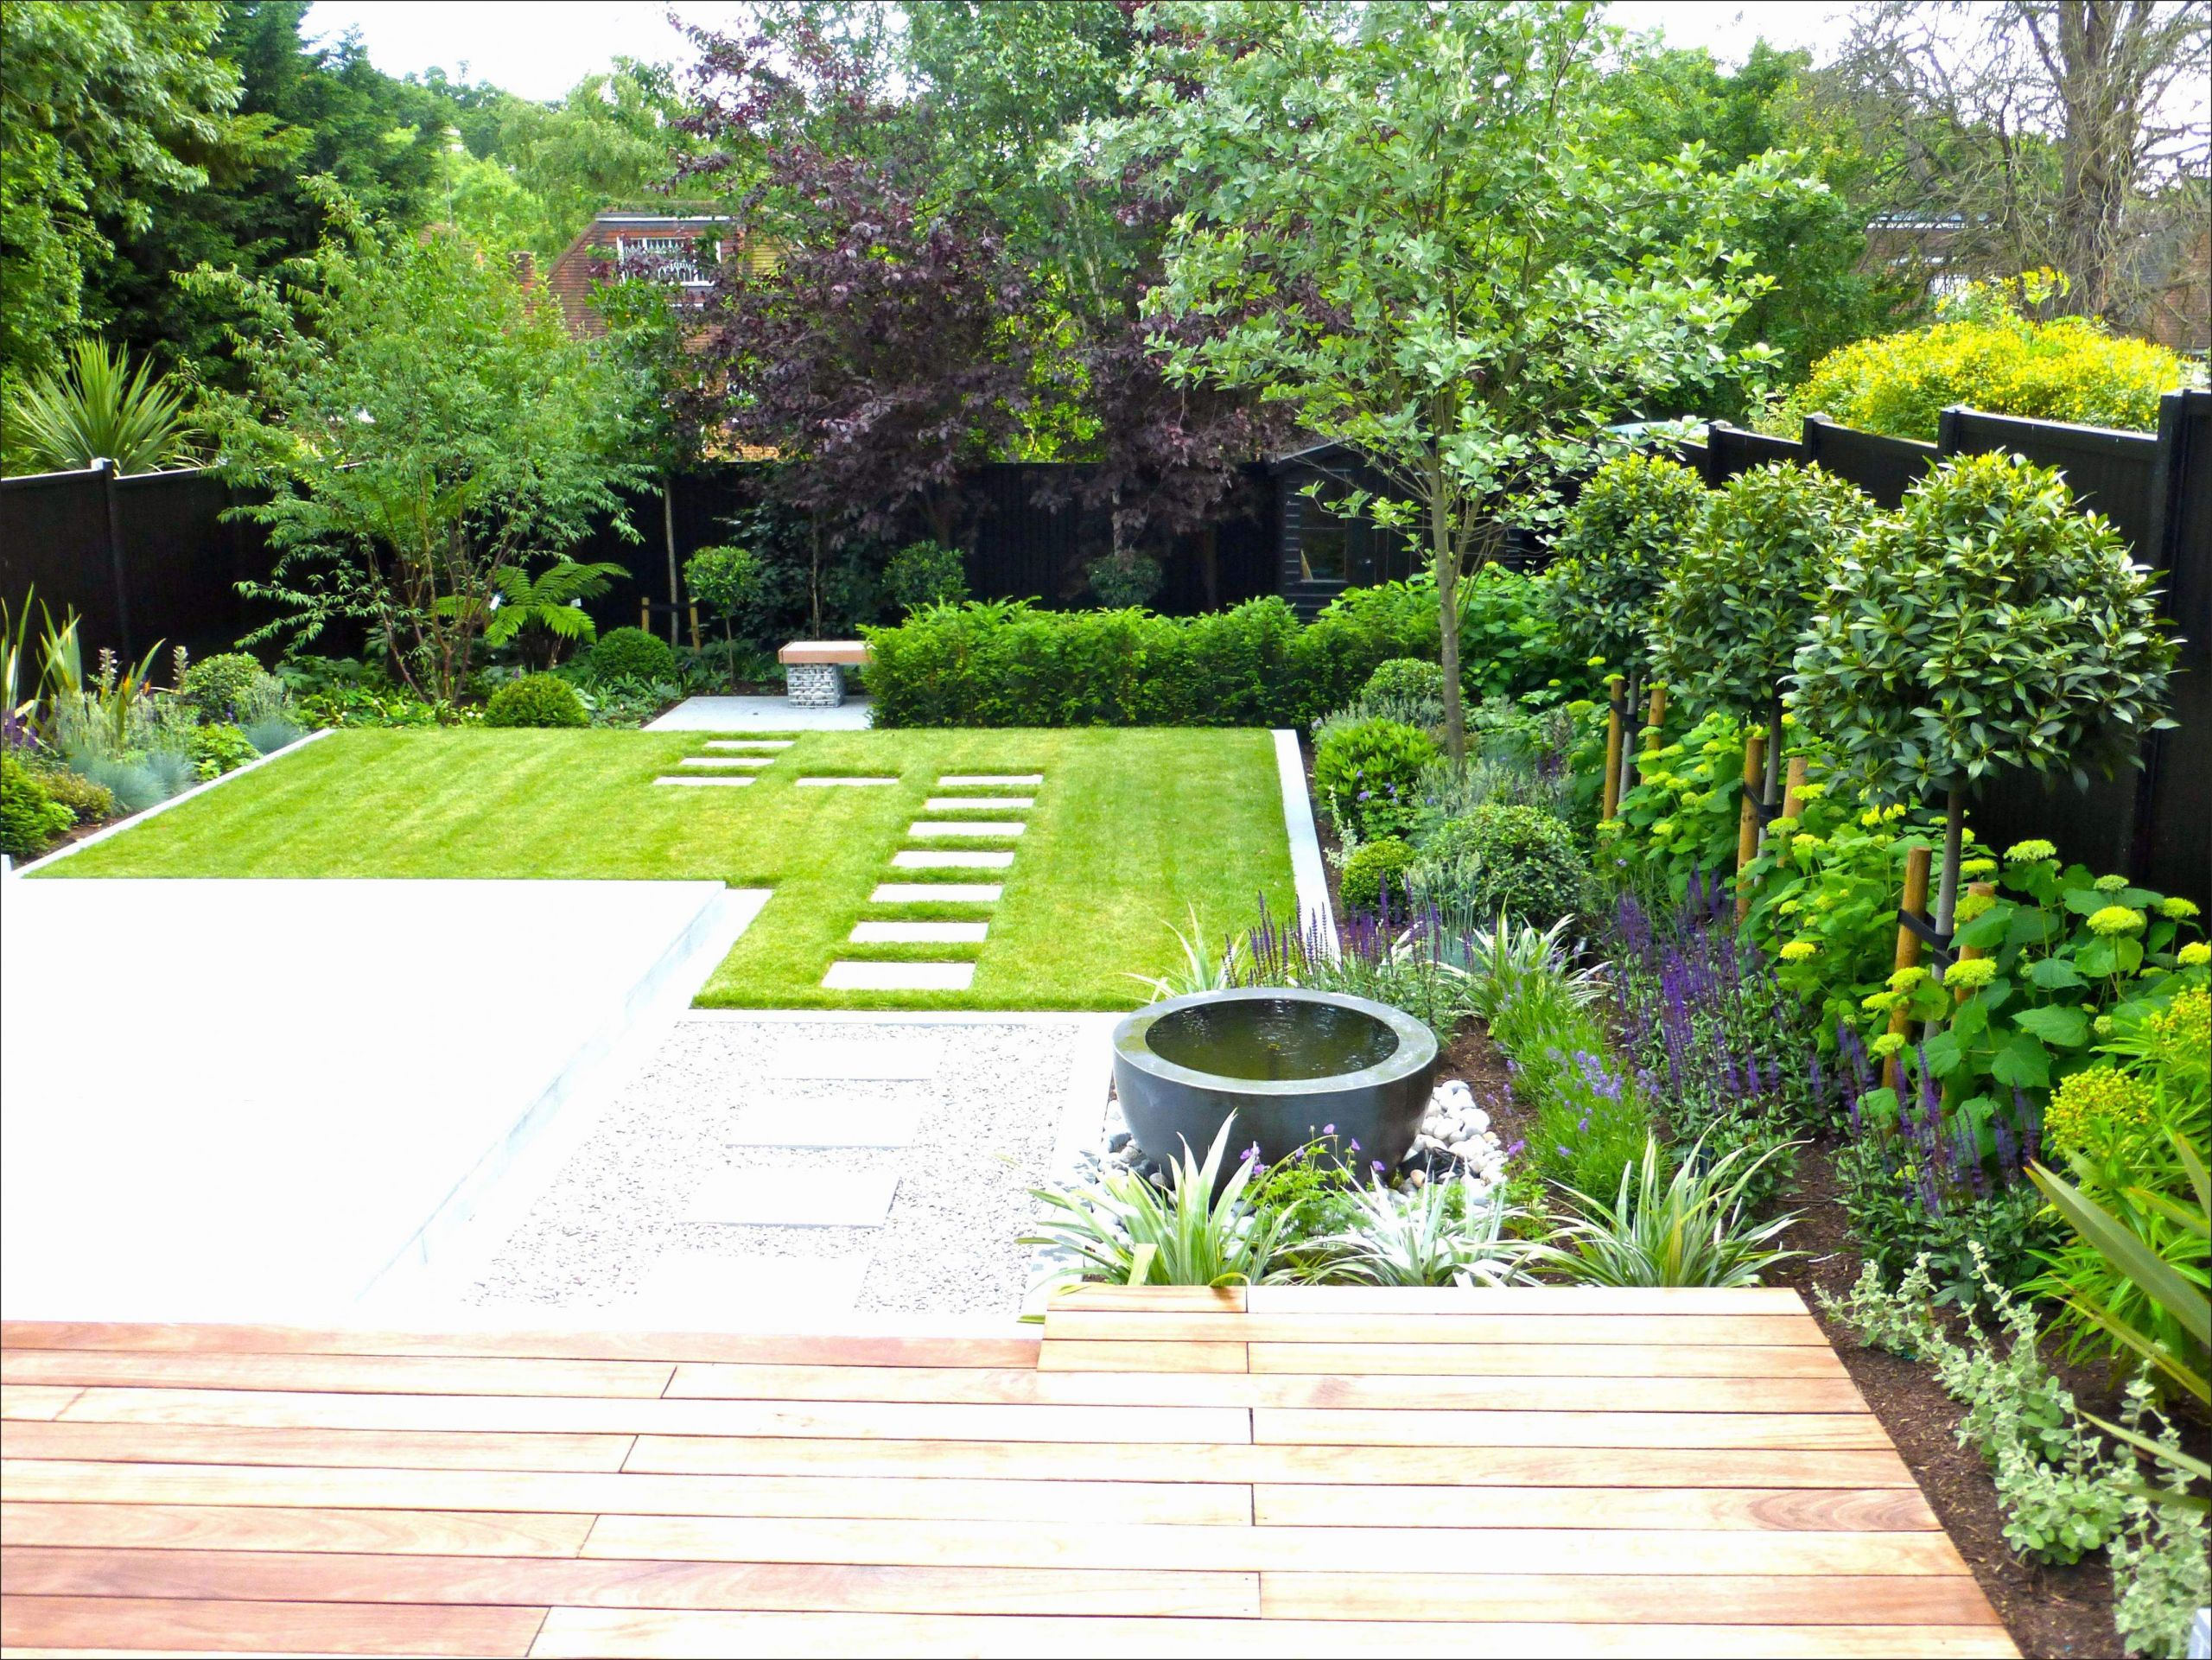 Ideen Für Gartengestaltung Luxus 25 Reizend Gartengestaltung Für Kleine Gärten Genial